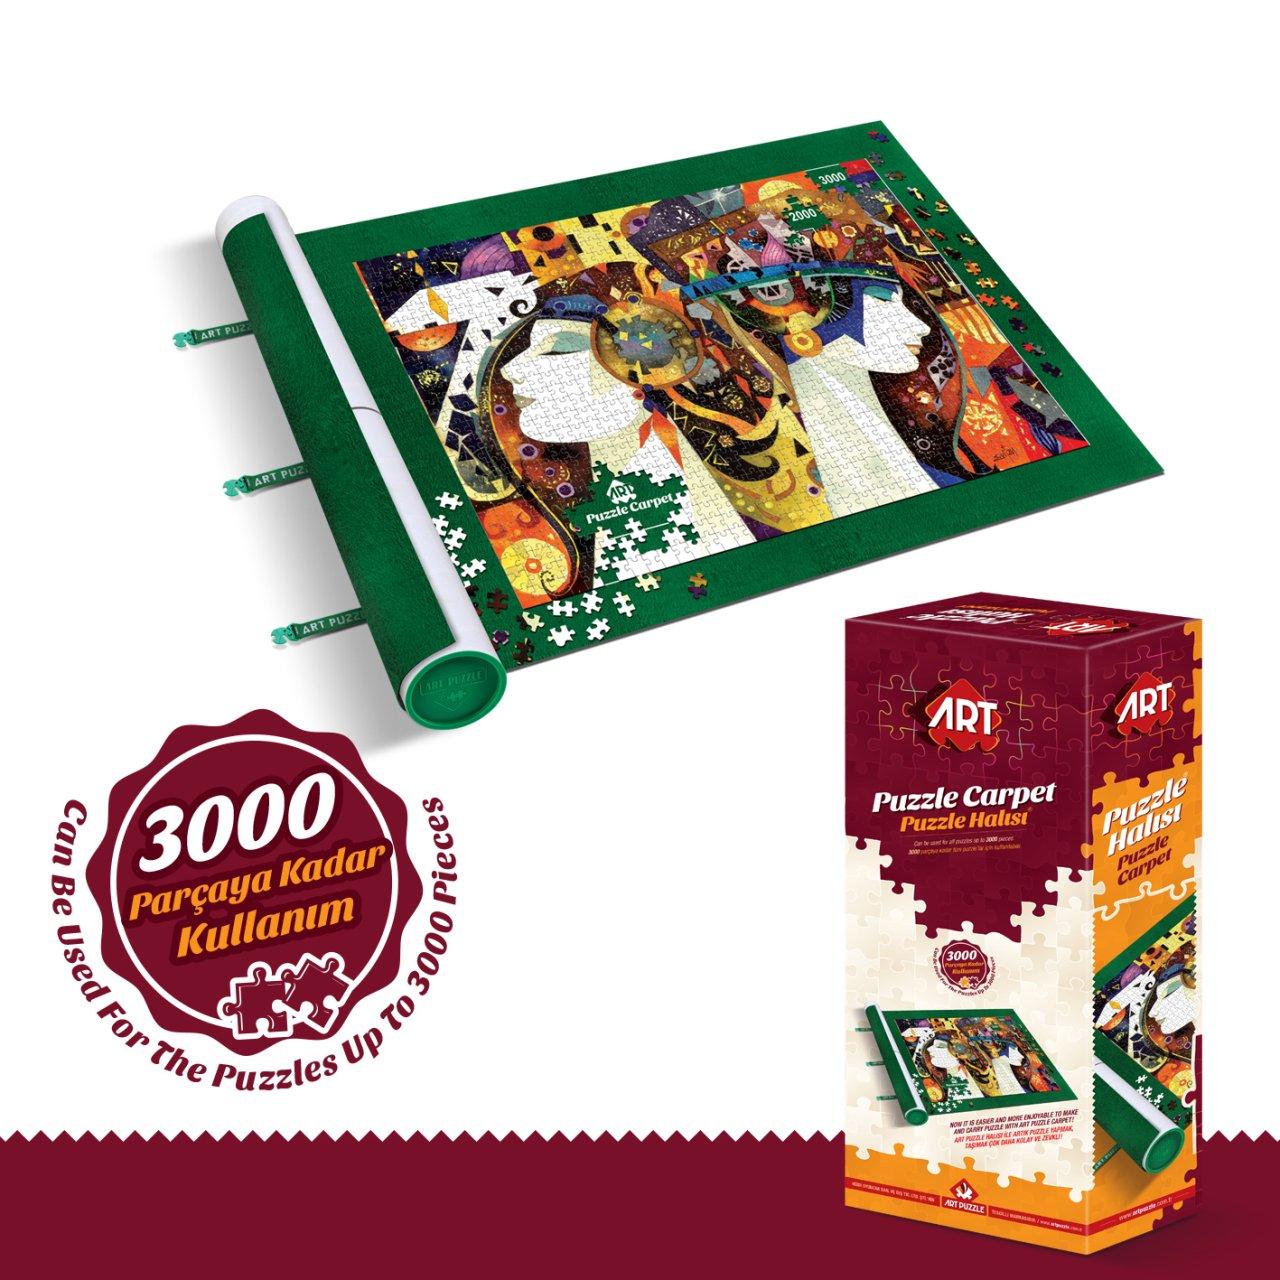 http://data.my-puzzle.fr/art-puzzle.139/art-puzzle-tapis-de-puzzles-3000-pieces.78417-1.fs.jpg